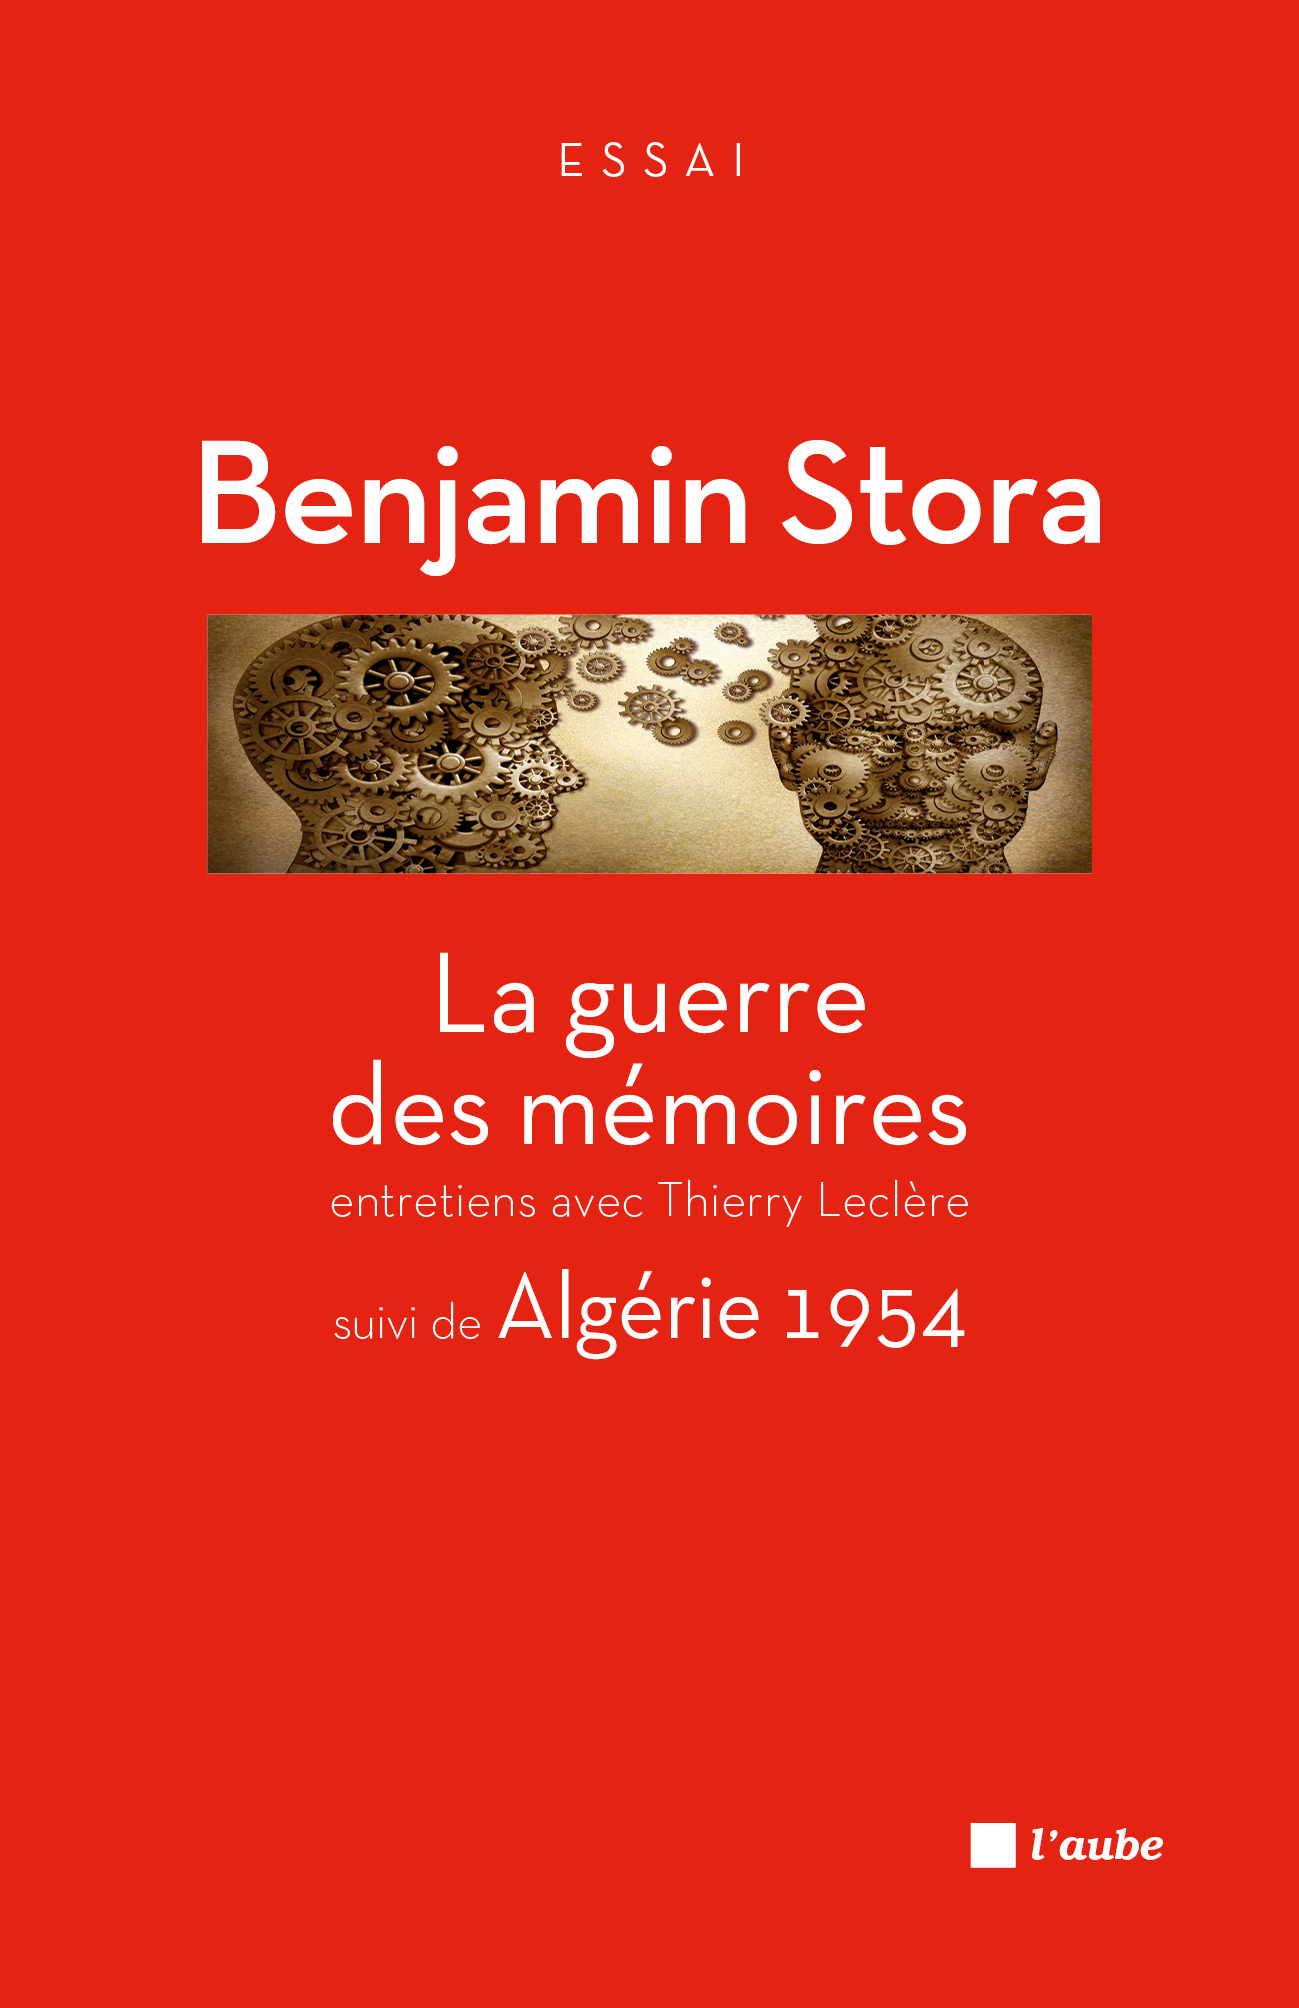 La guerre des mémoires suivi de Algérie 1954